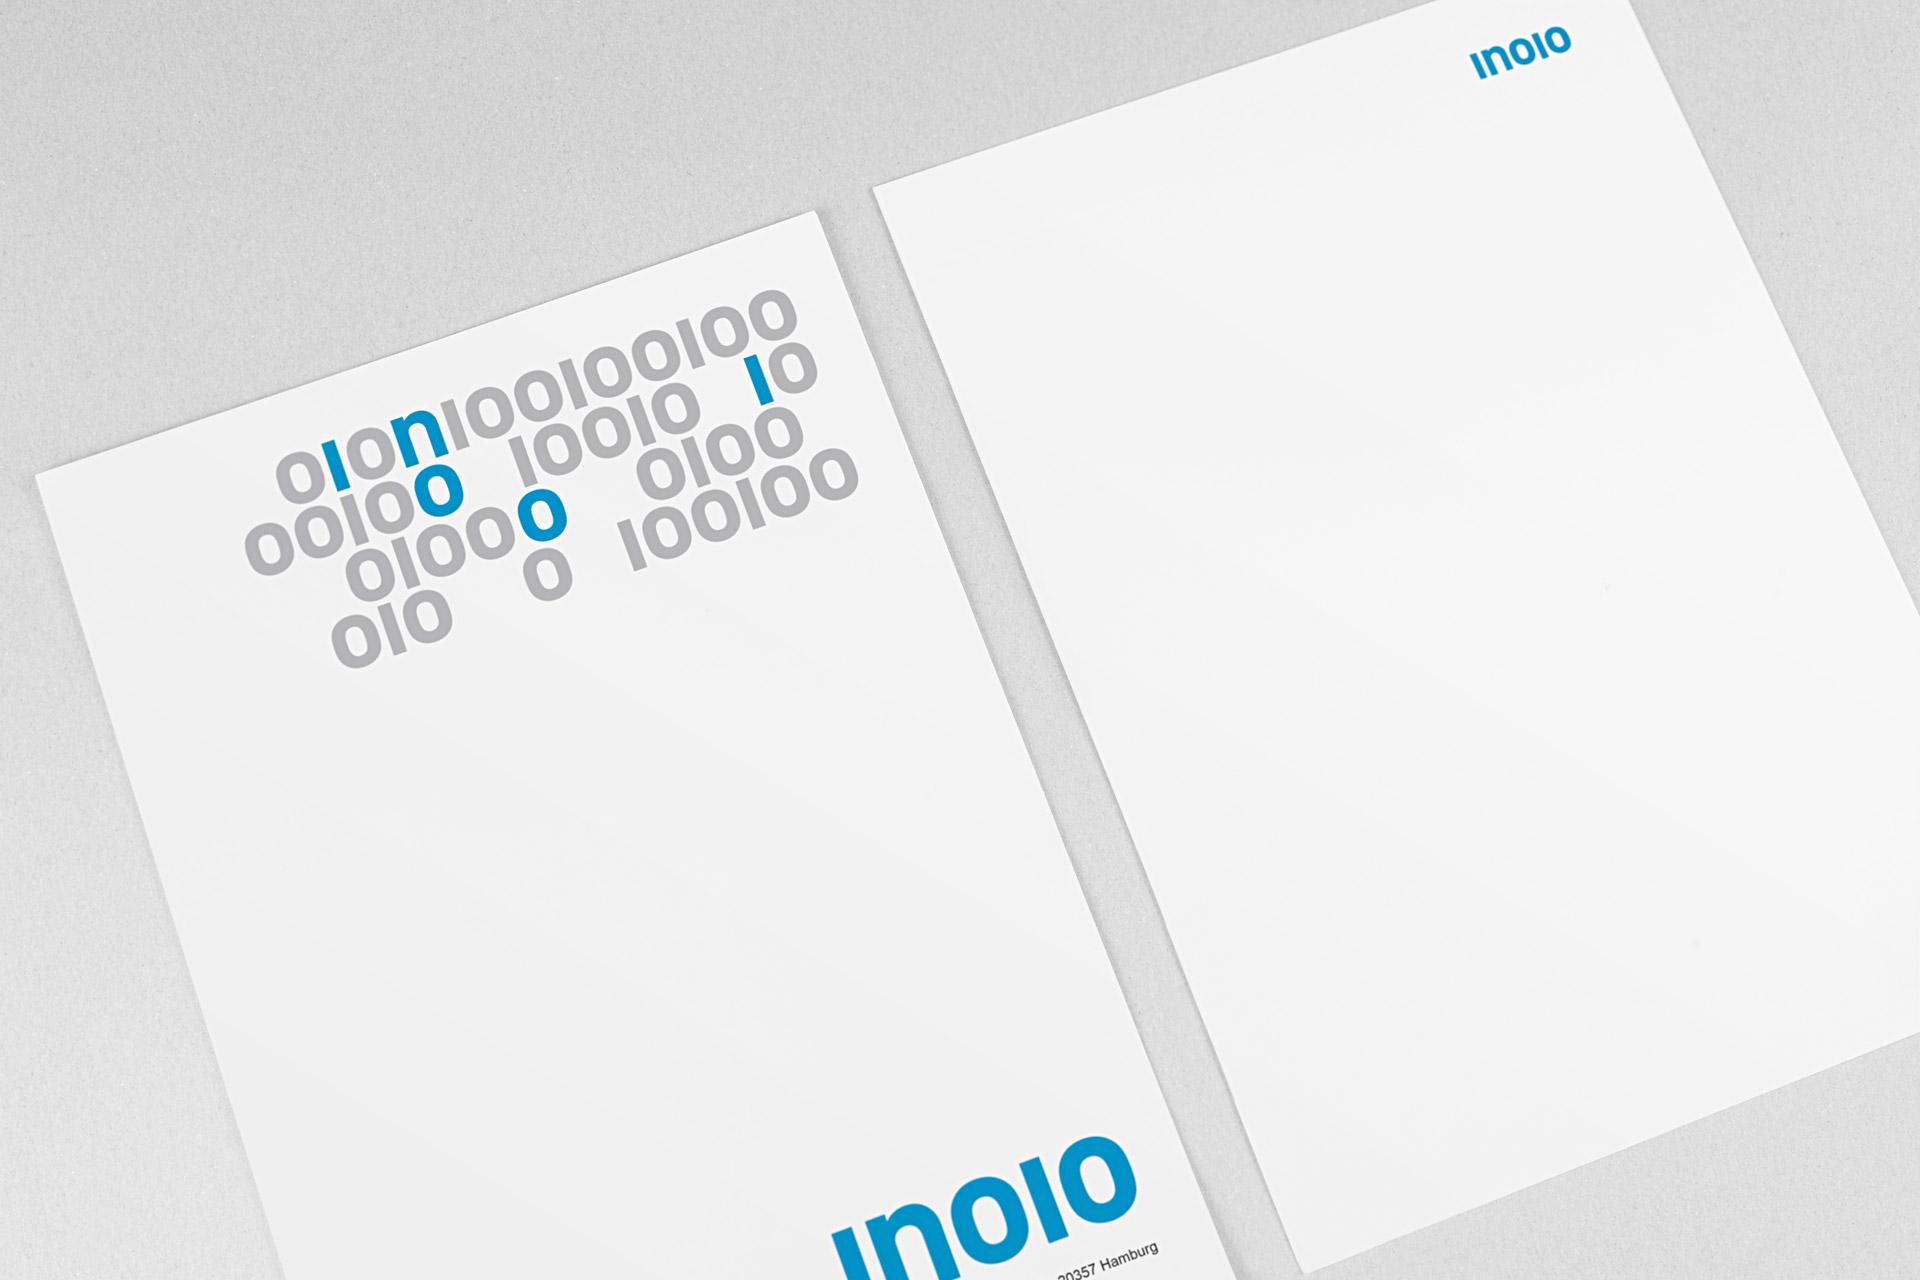 inoio-corporate-design